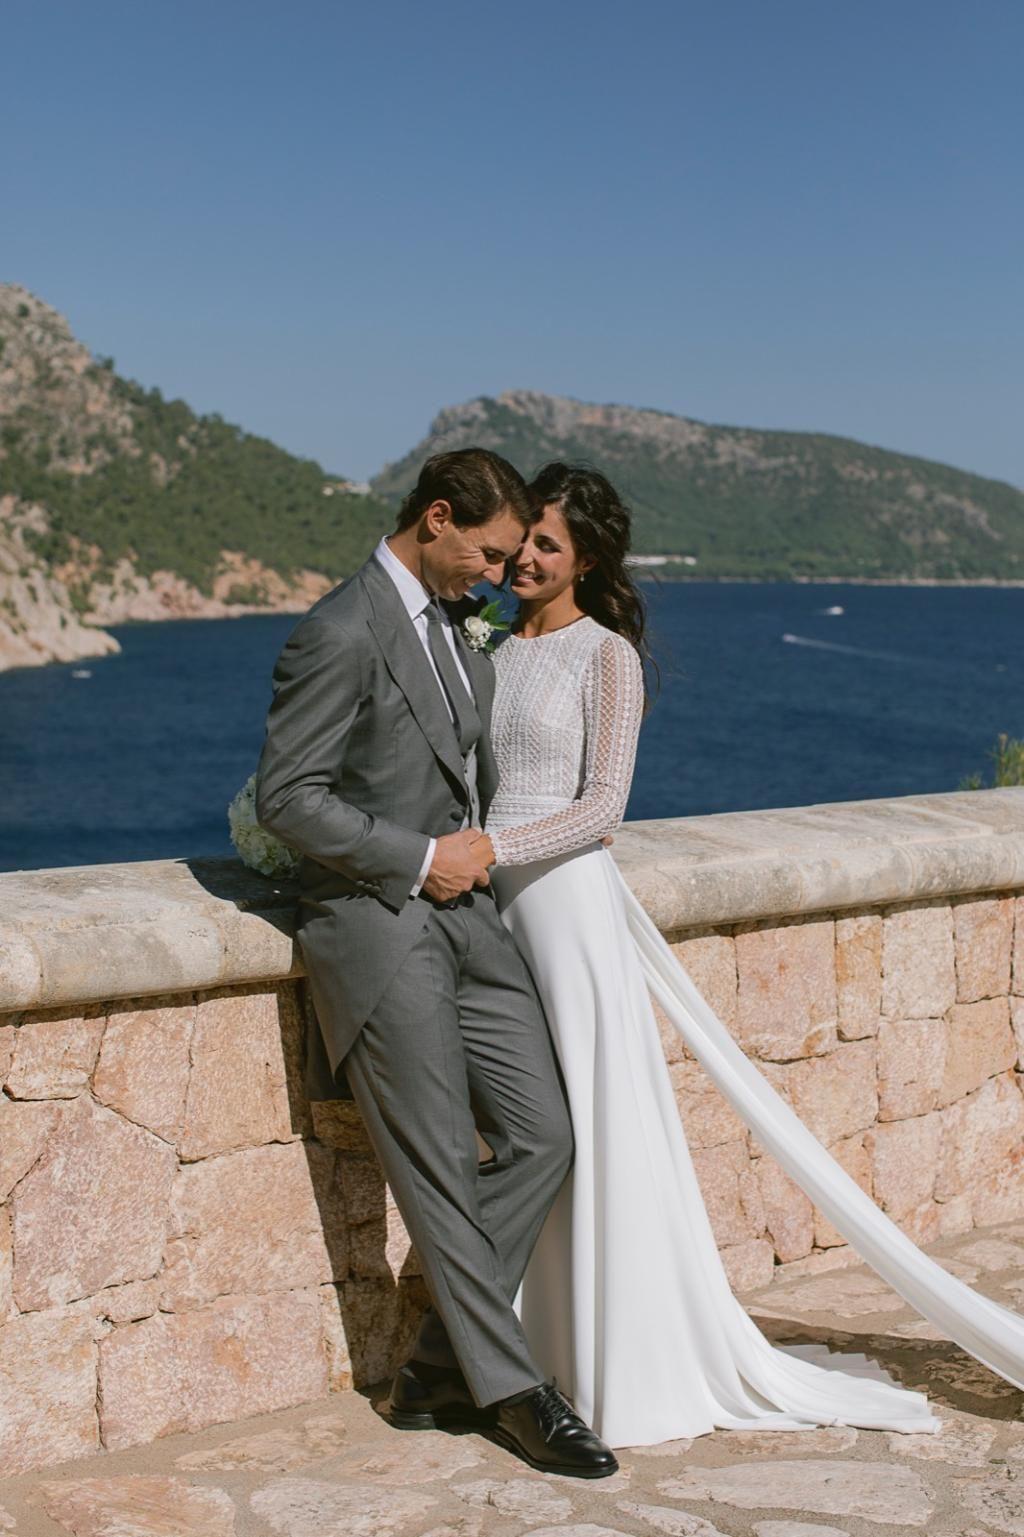 Rafael Nadal and Maria Francisca Perello release photos of